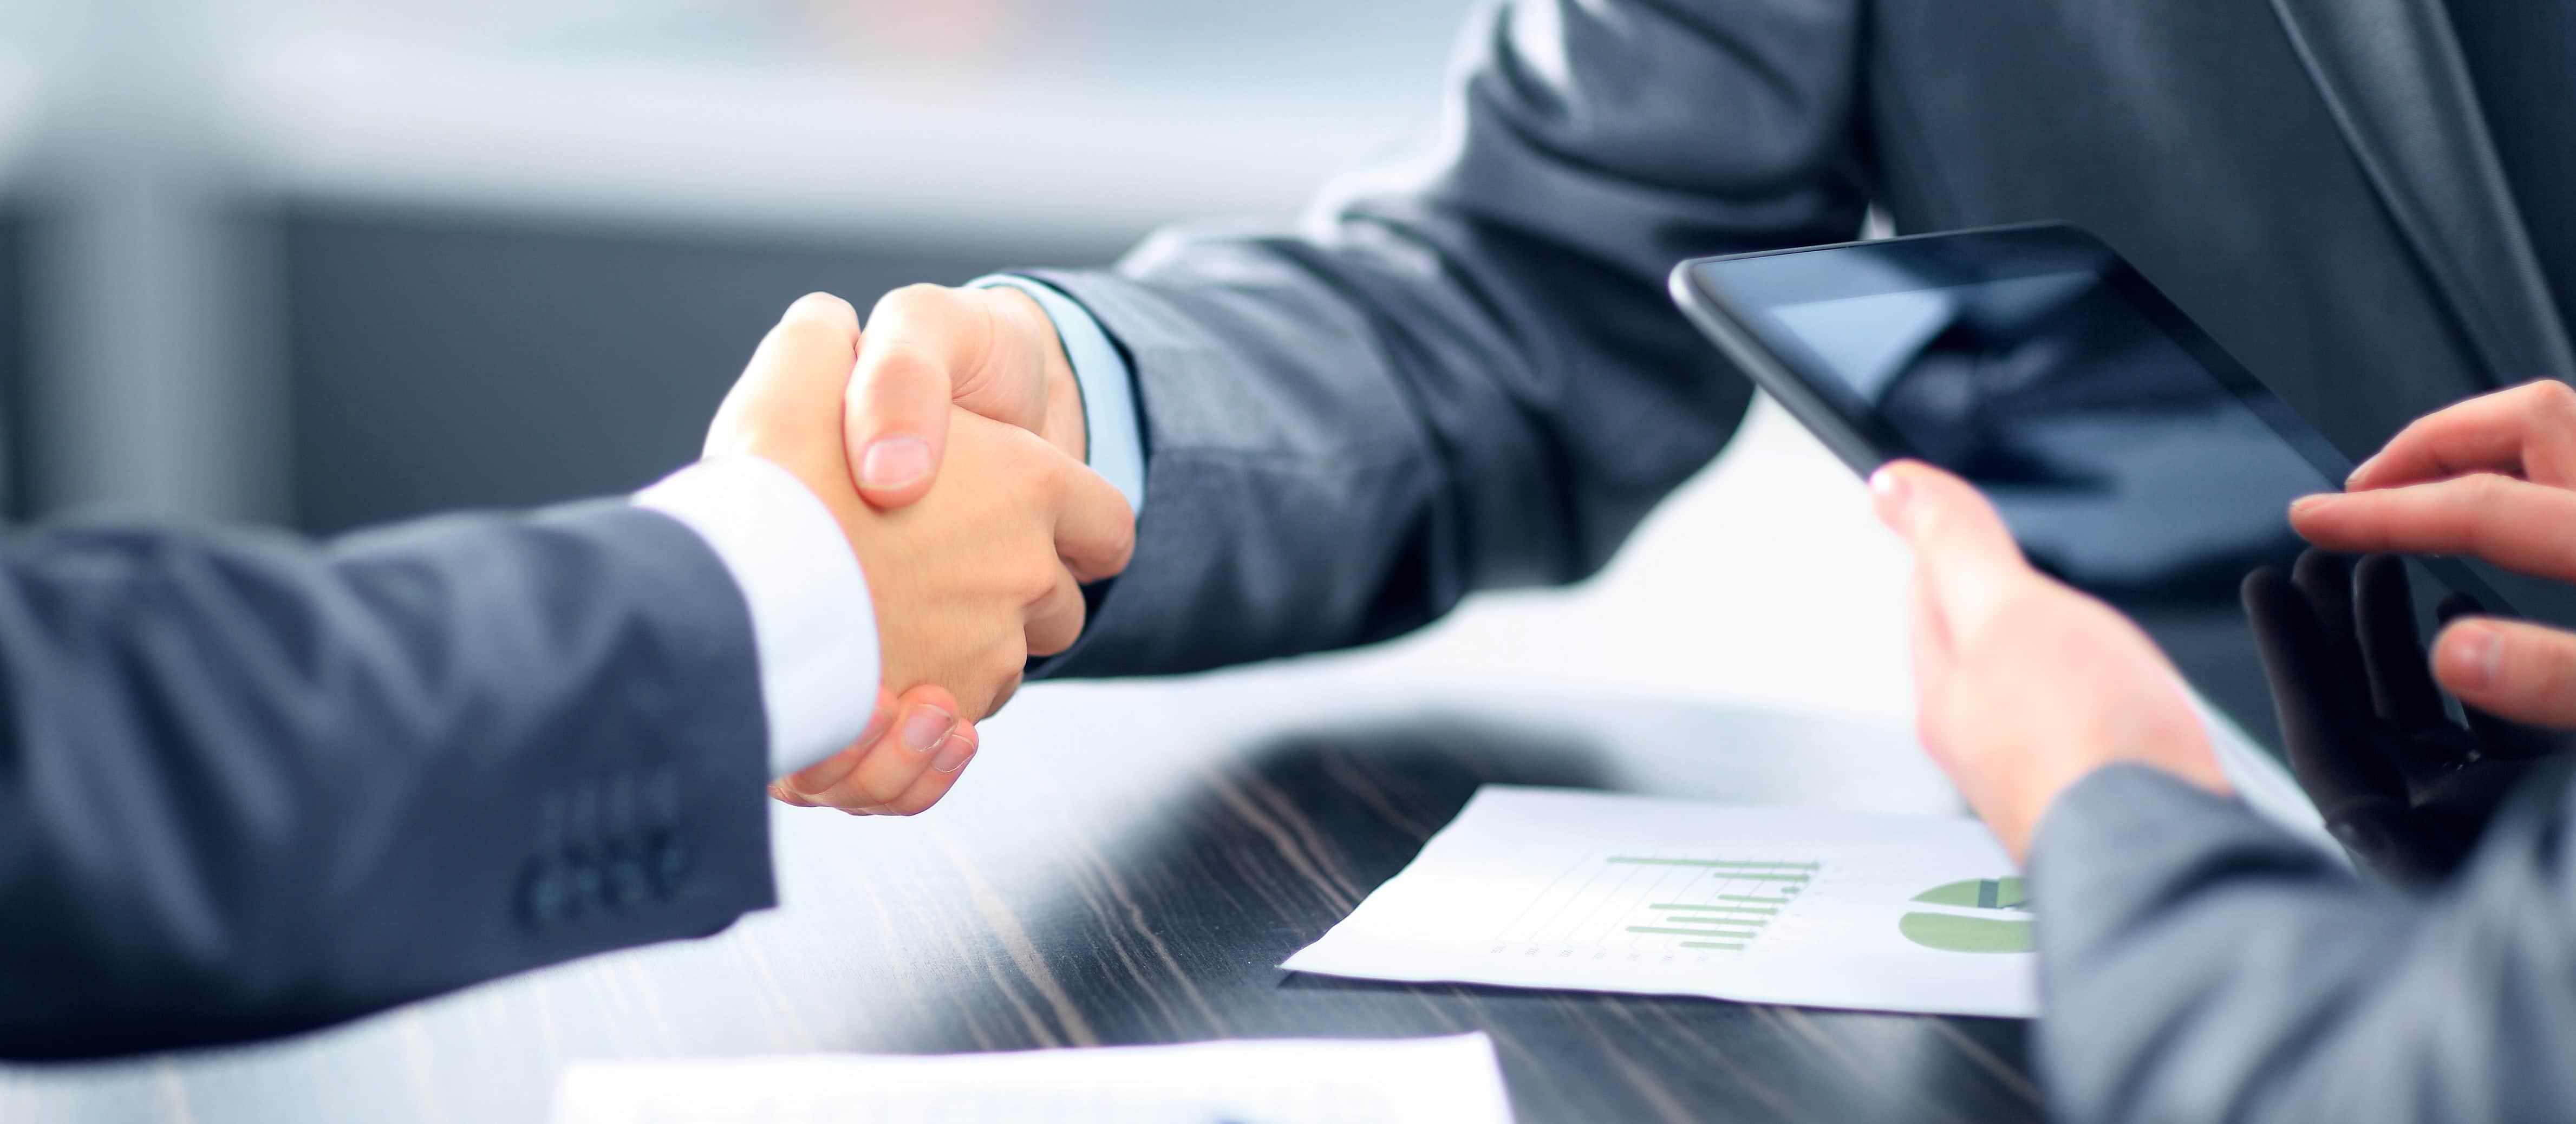 Imagen para negociaciones con el mercado asegurador